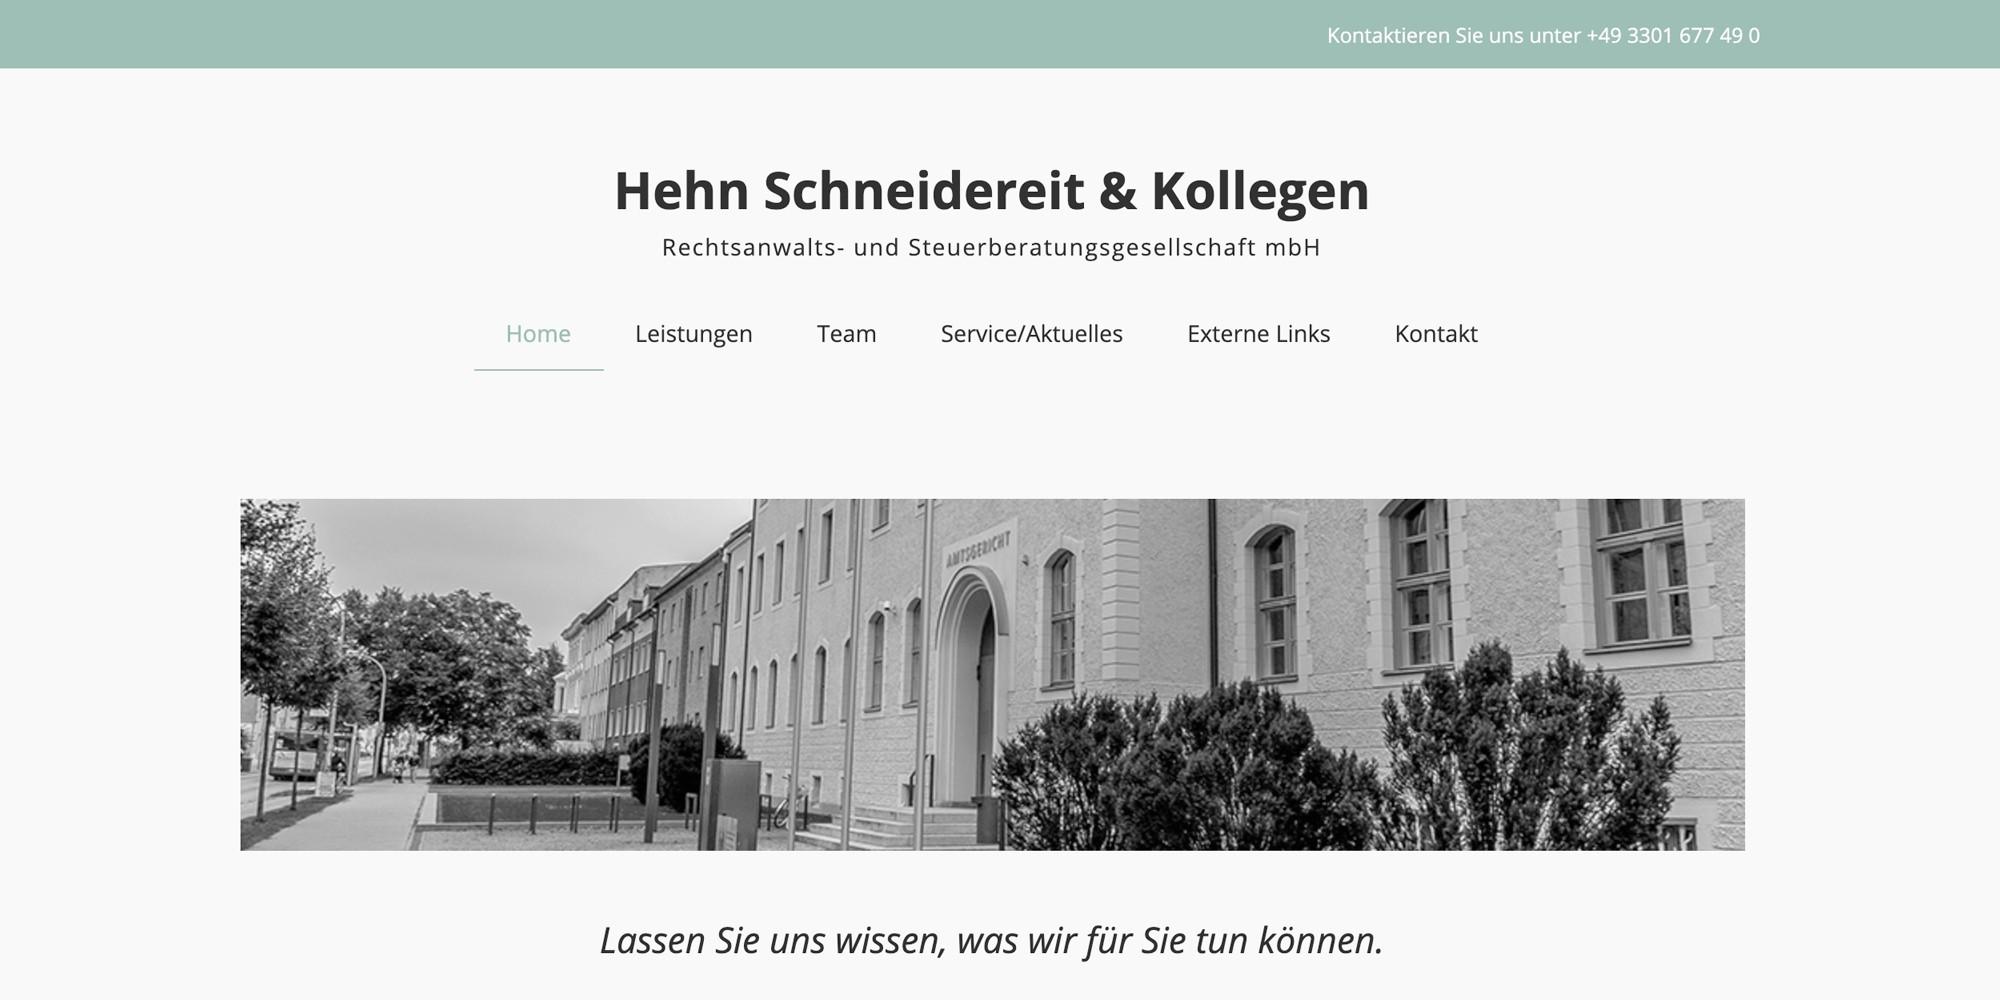 Merlin Rose Webdesign Referenzen - Hehn Schneidereit